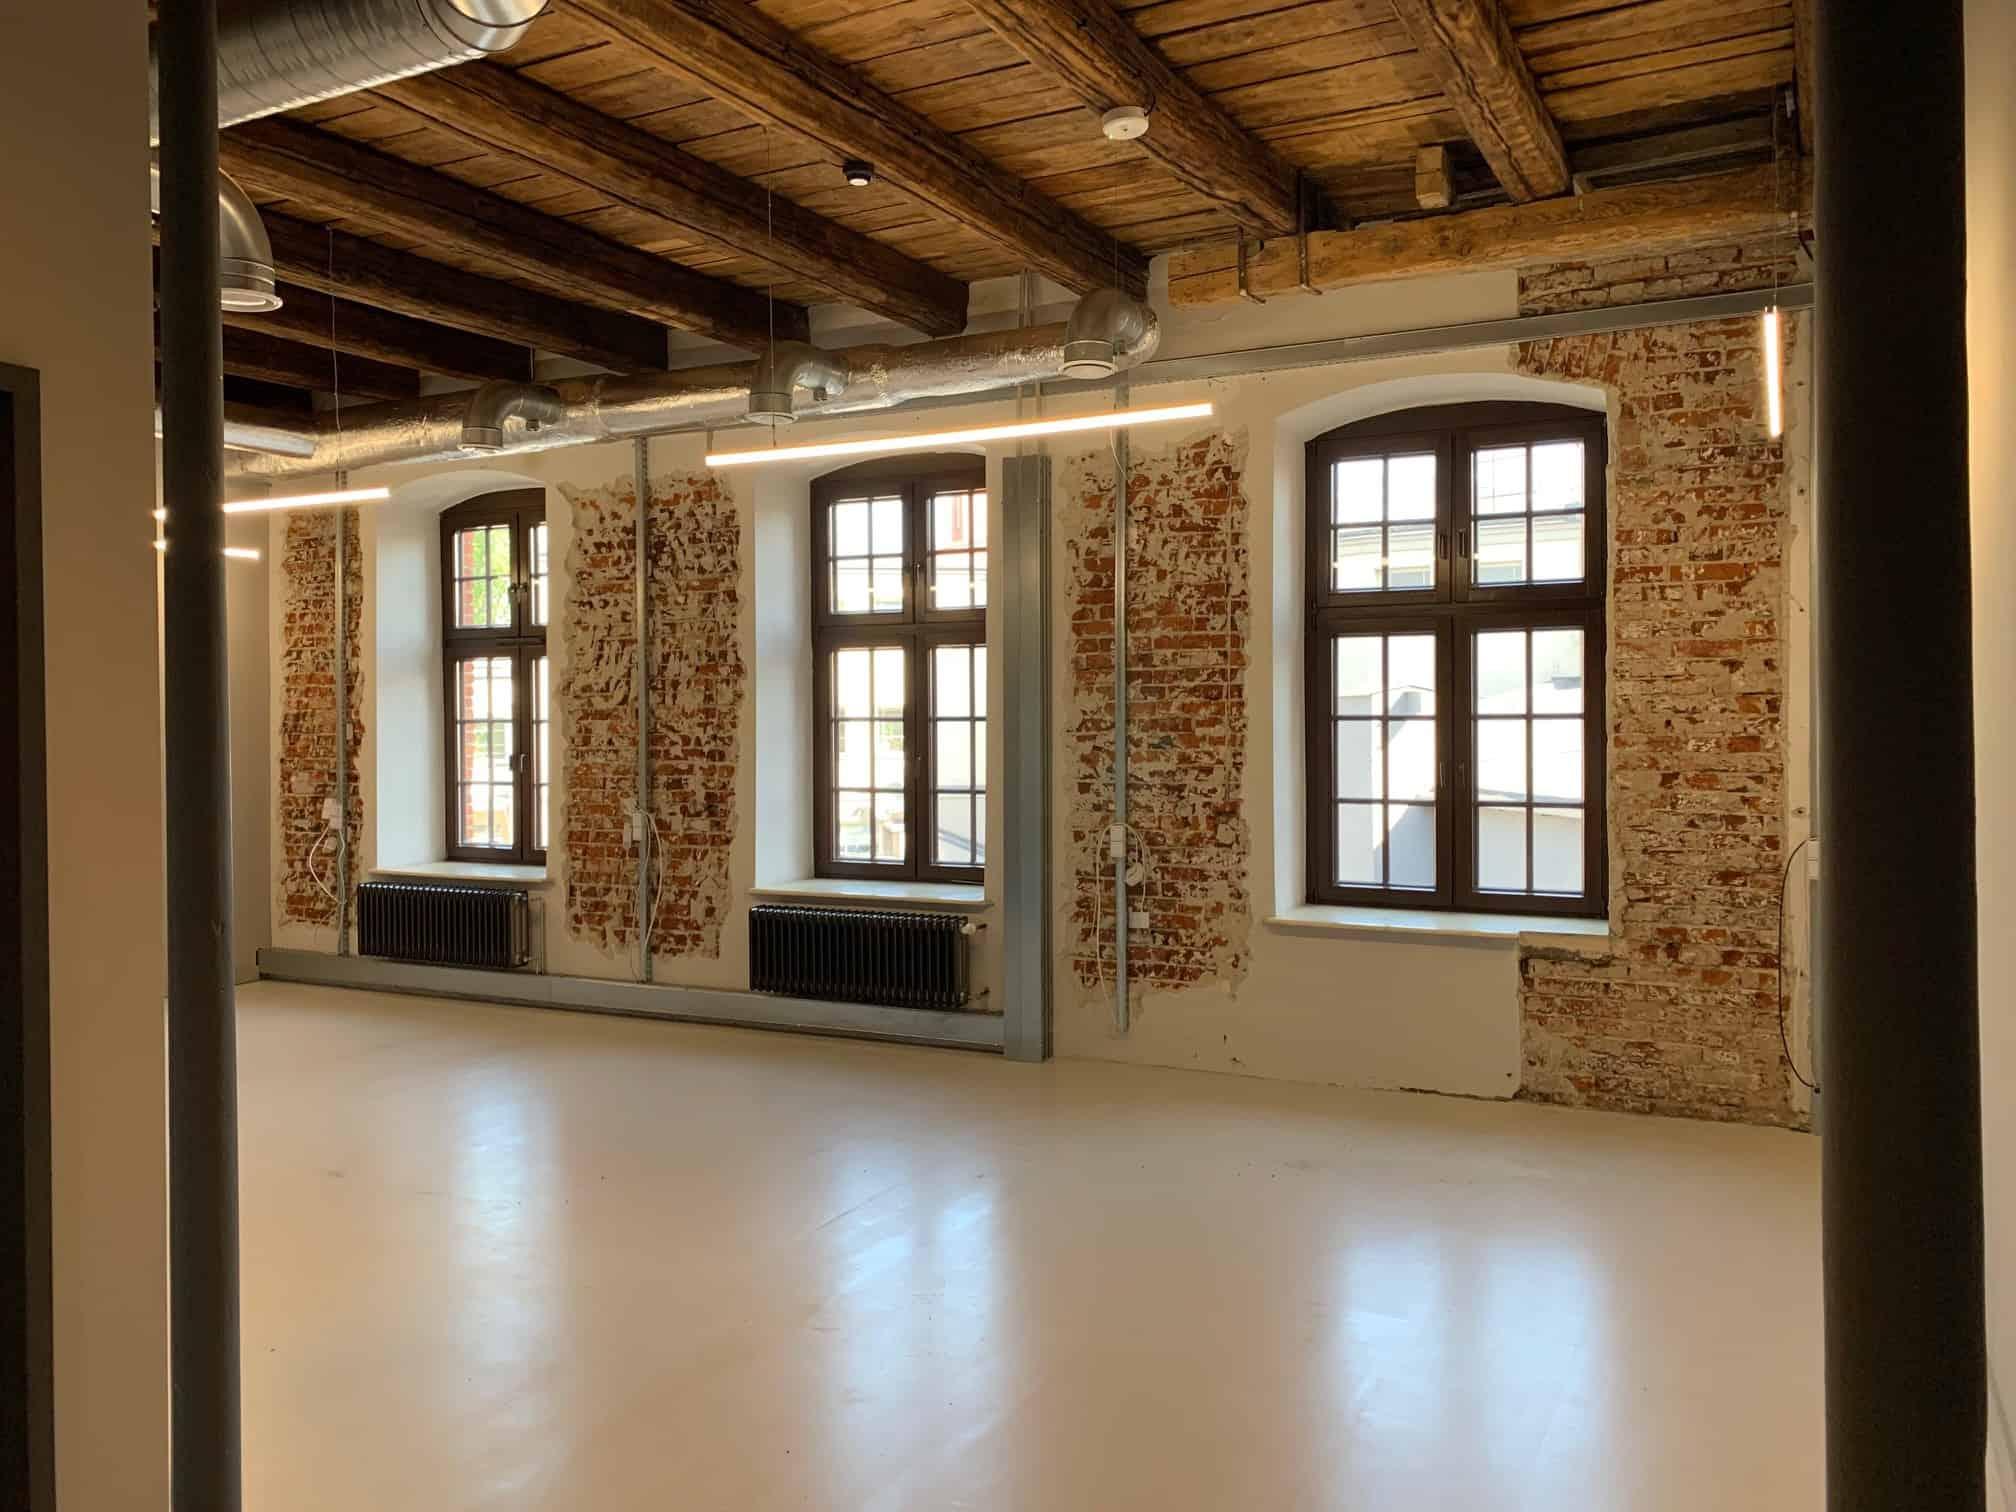 Wynajmij powierzchnię biurową w Skrzywana Factory